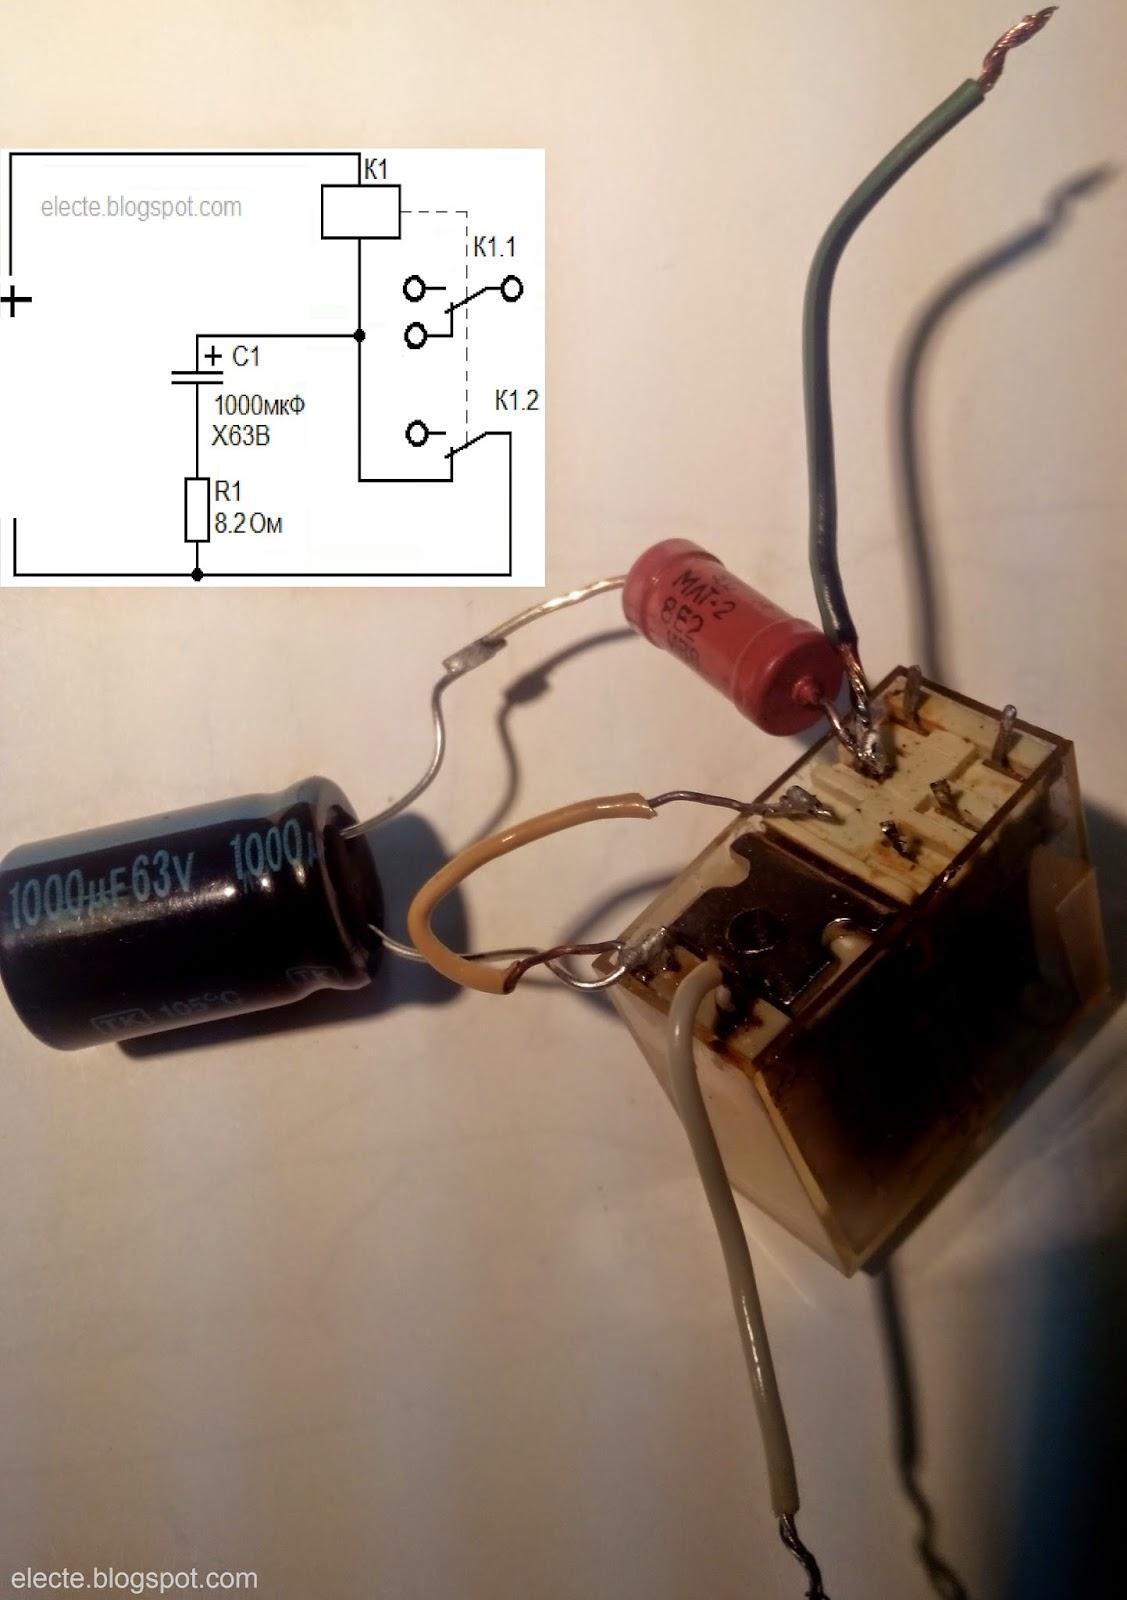 схема электромагнитного реле с задержкой на отпускание